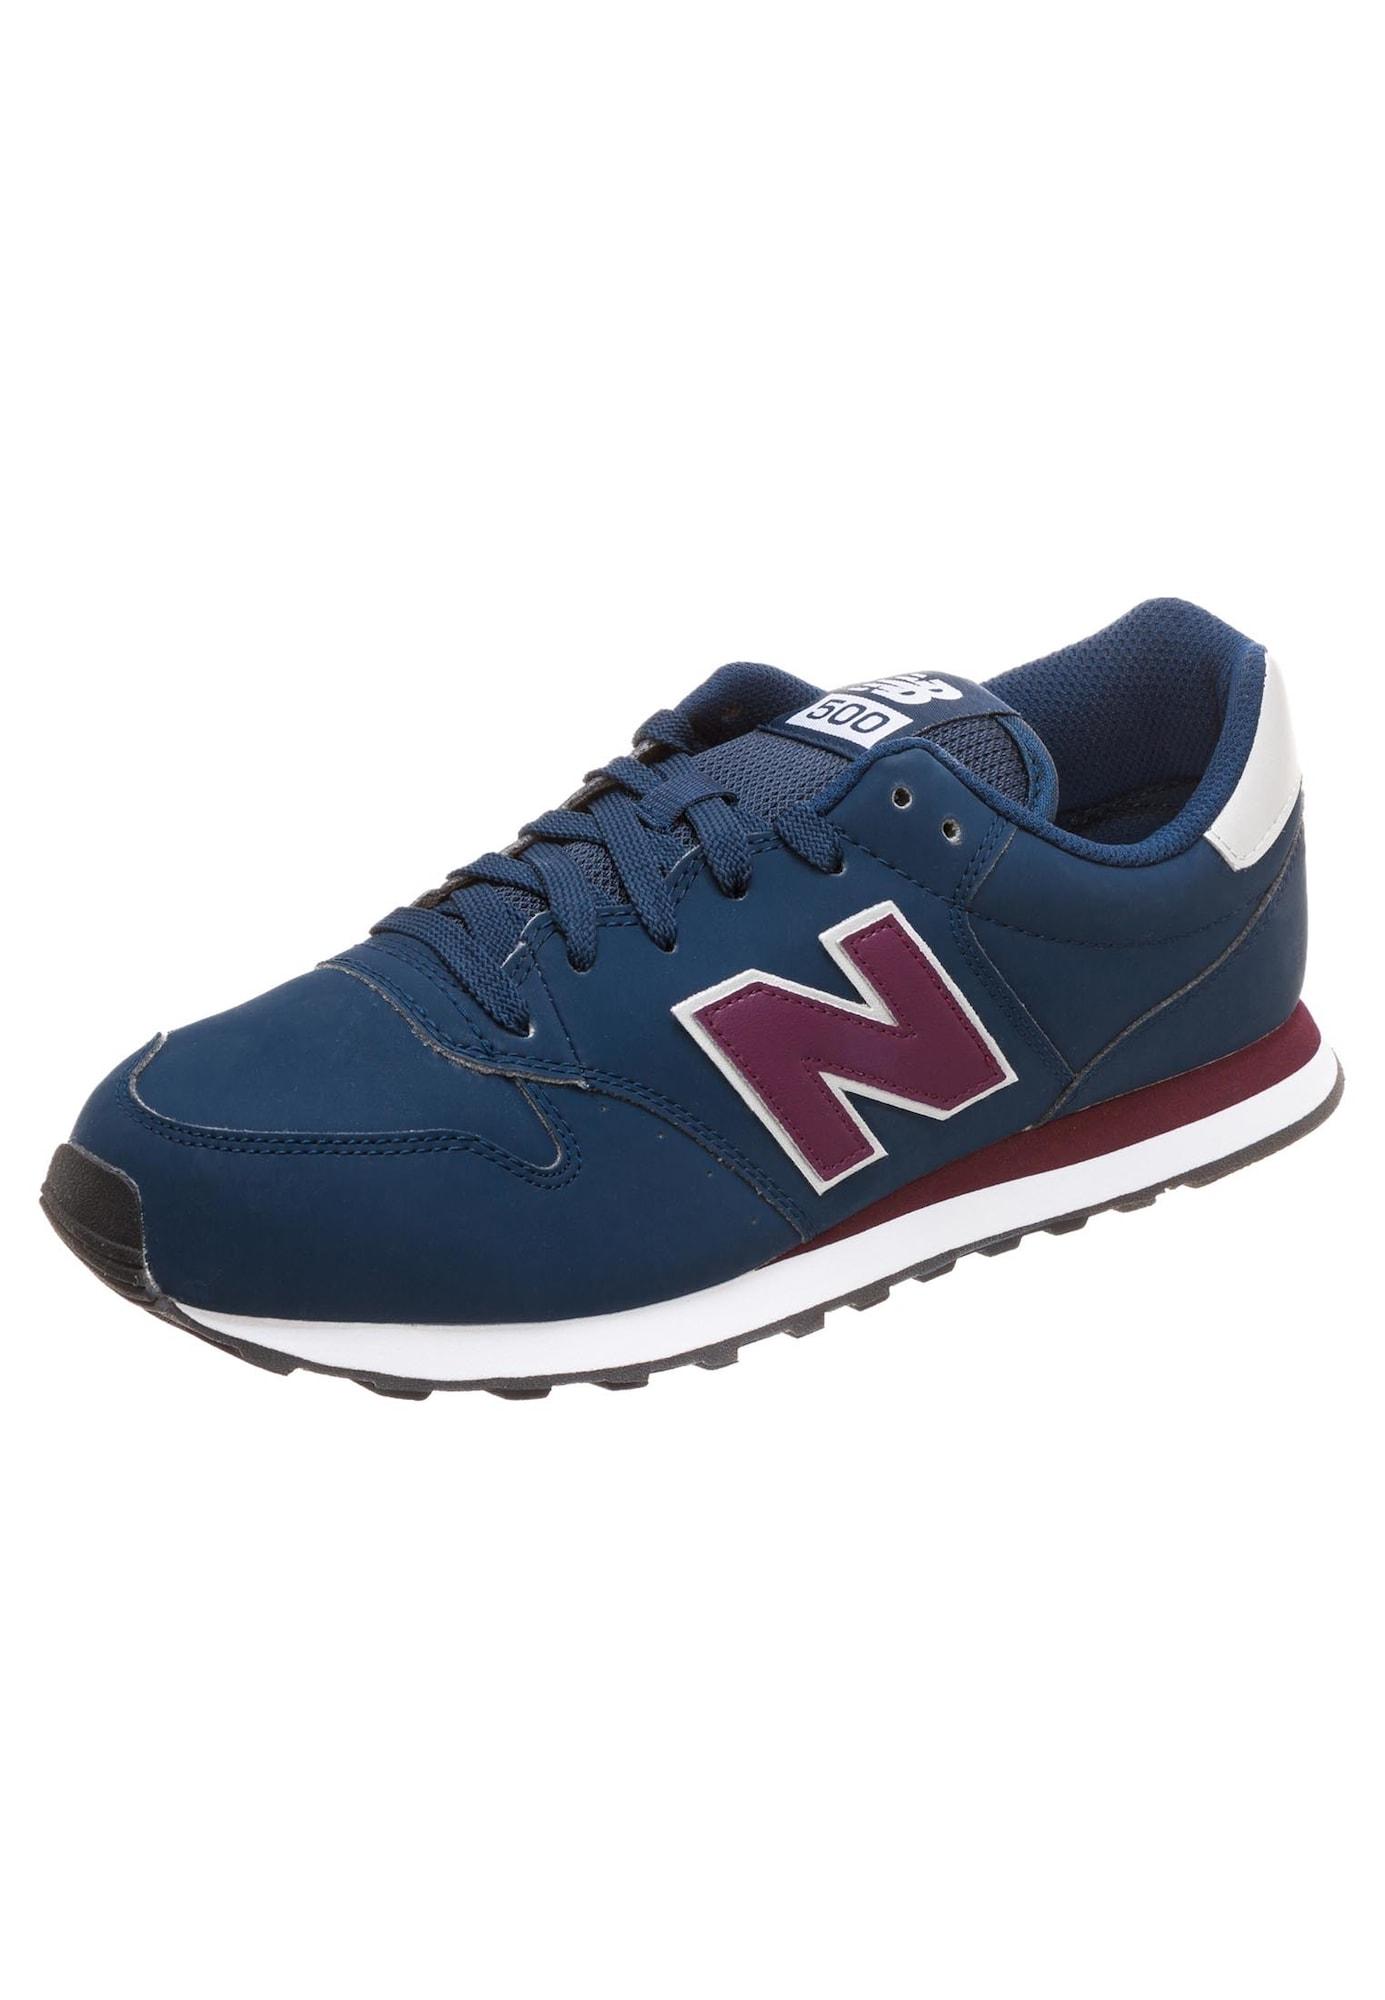 Aanbieding: New Balance Heren Sneakers Laag Hemelsblauw ...